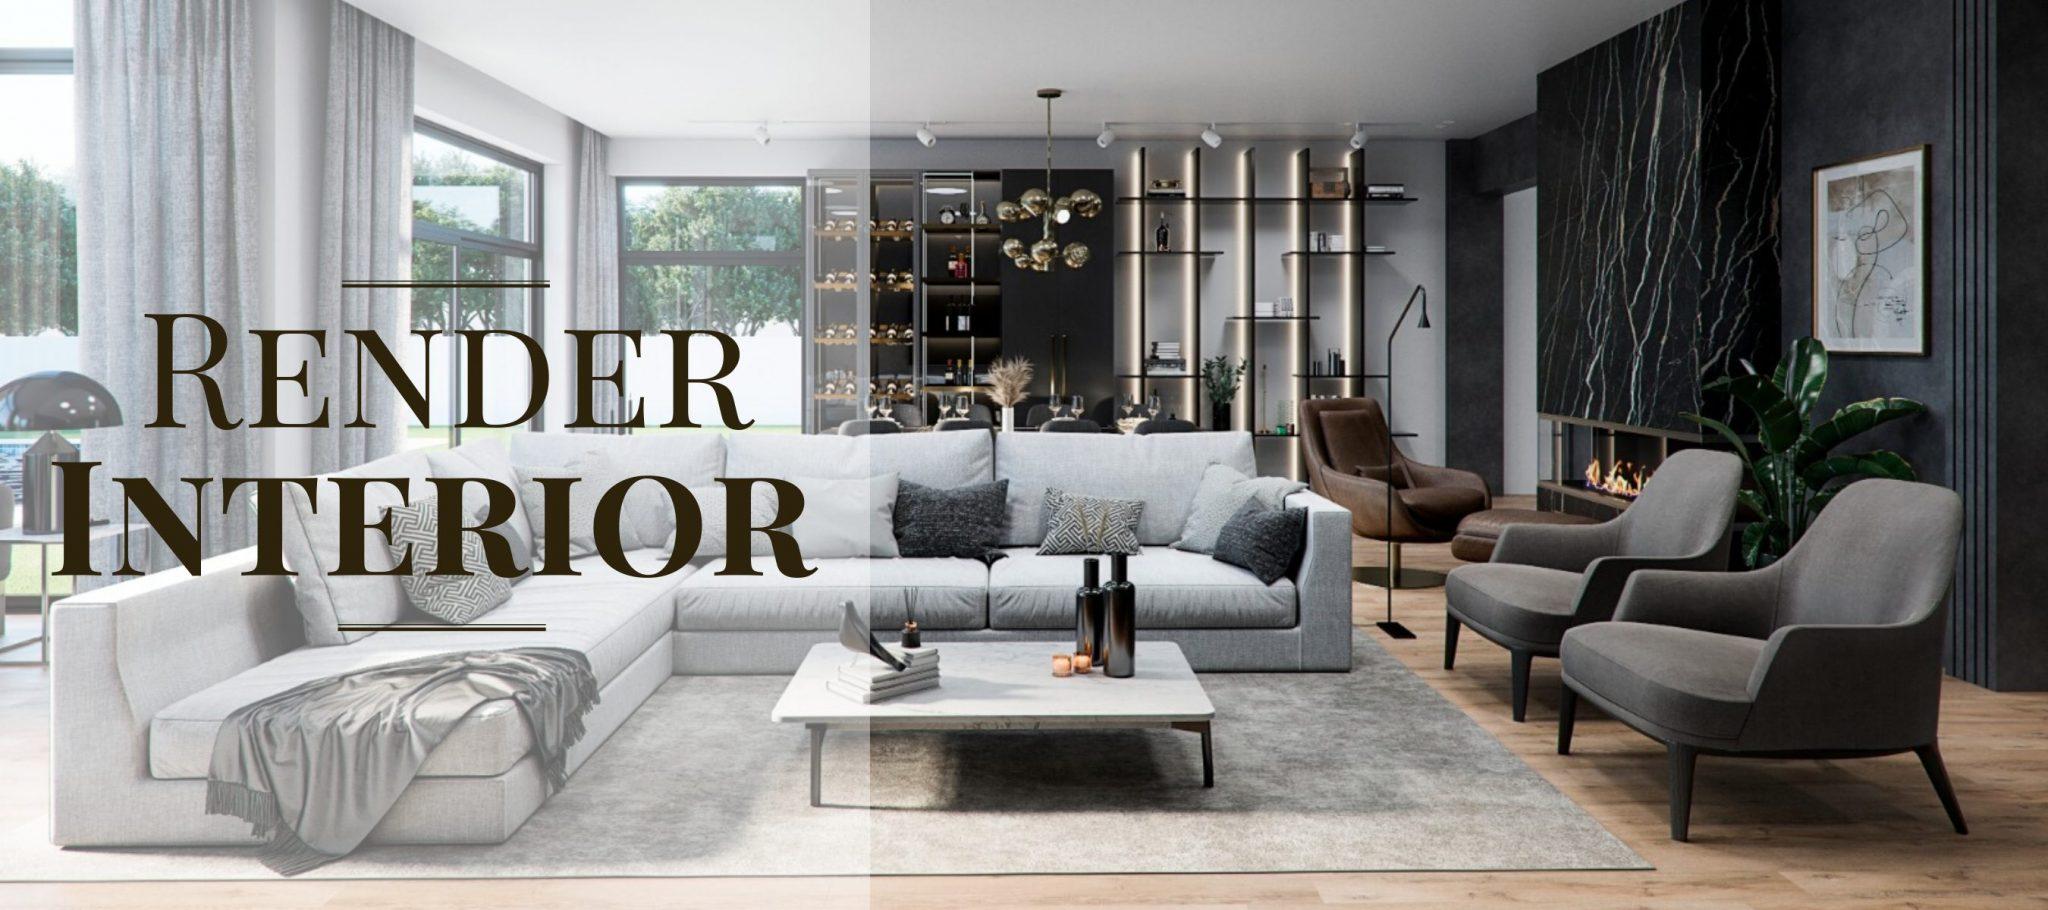 render interior - arquitectura 3d